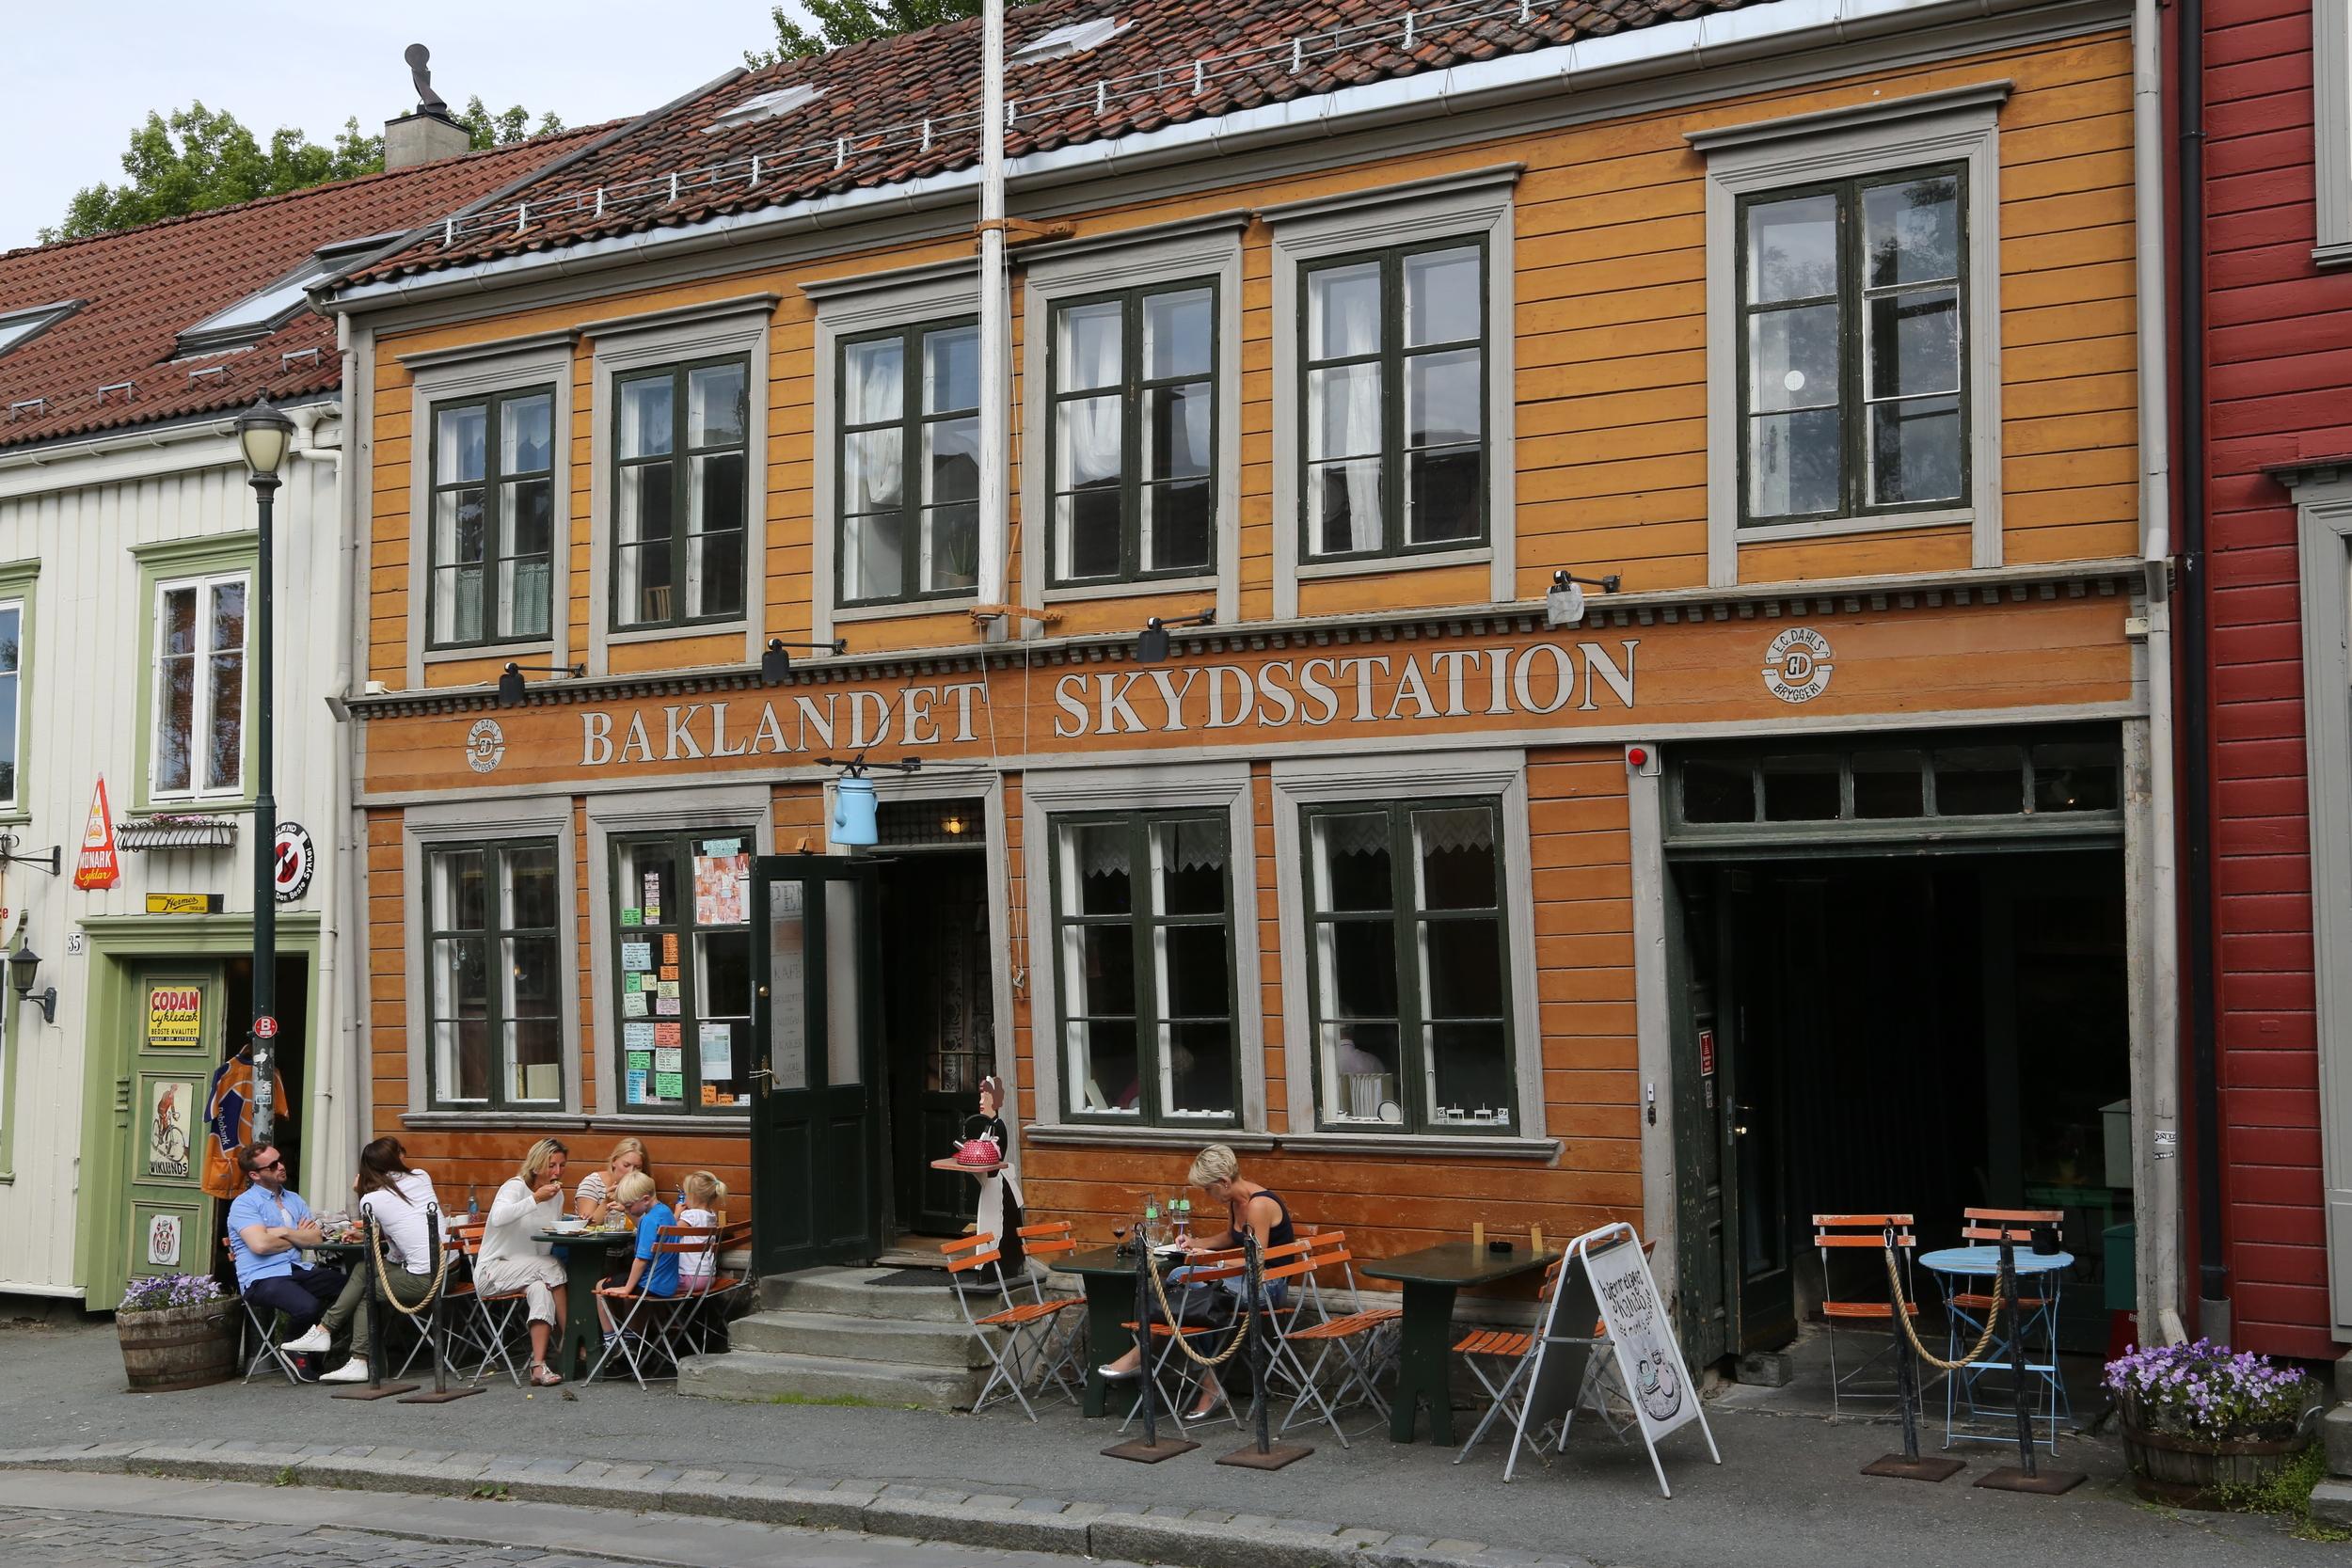 Baklandet Skydsstation - Norges triveligste kafé, mener jeg :-)